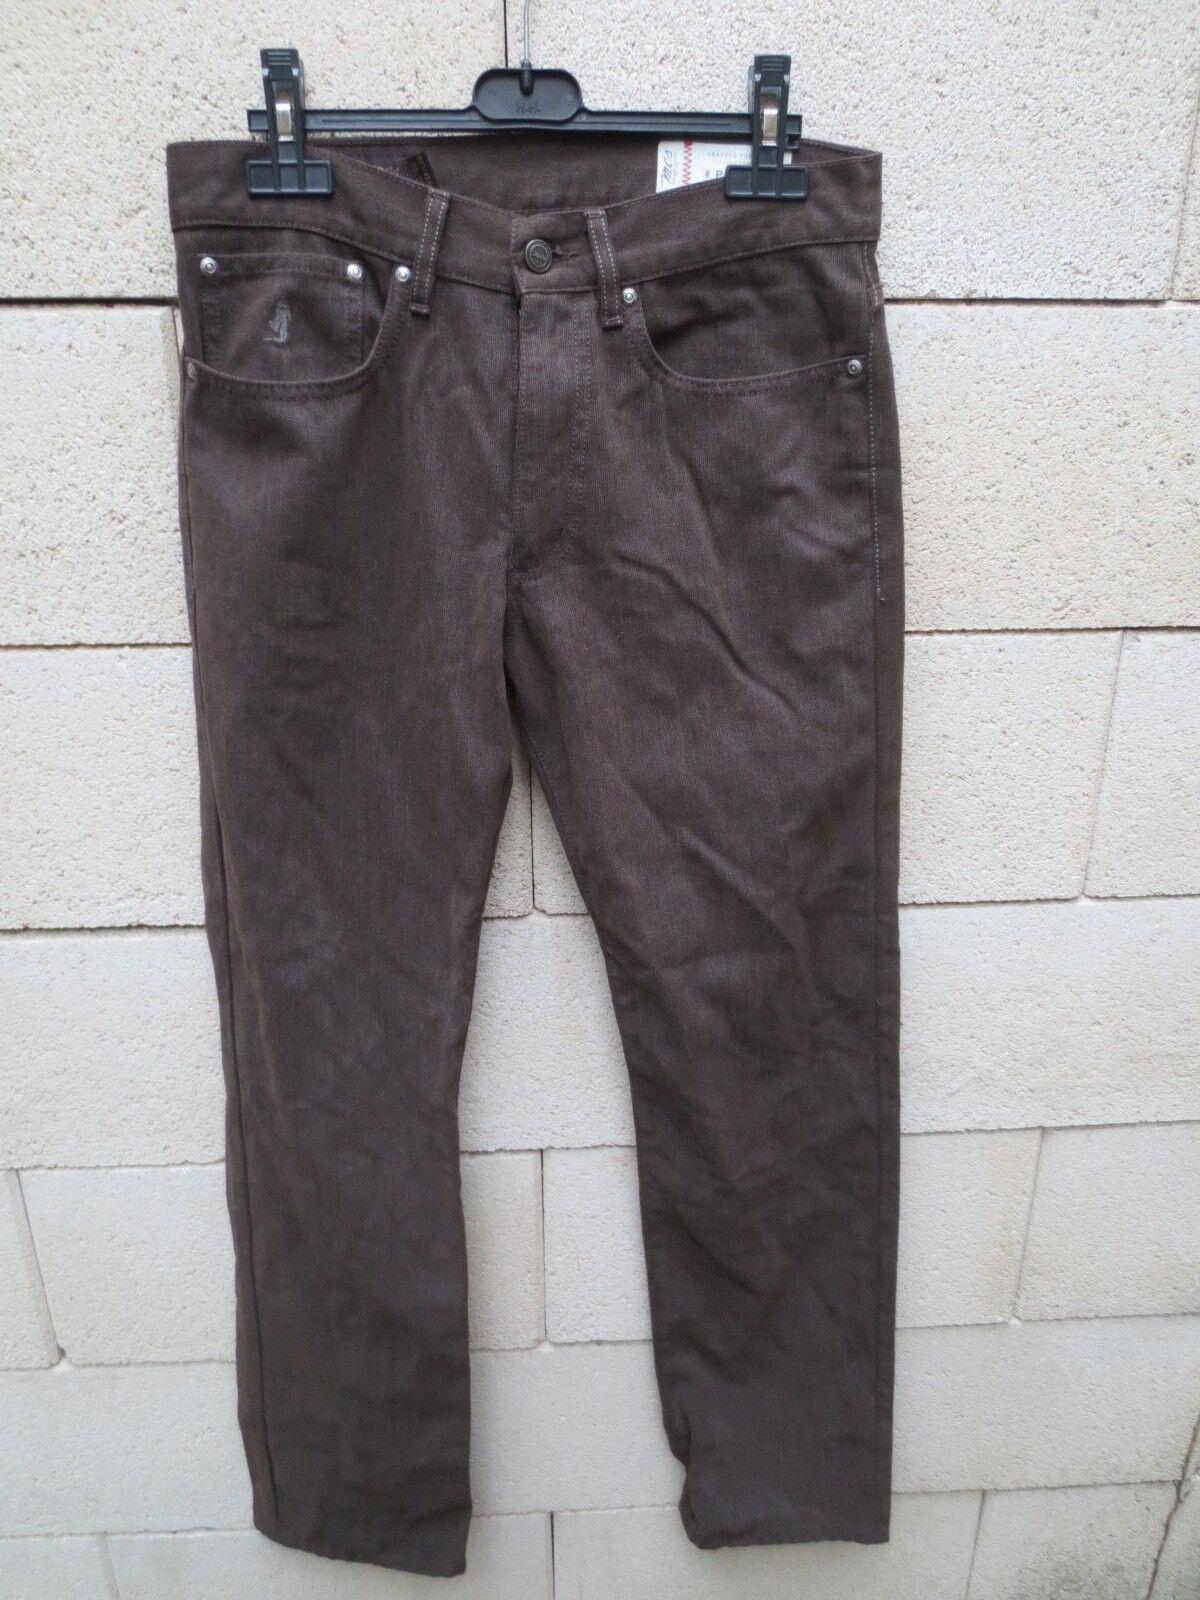 Jeans MCS MARLBgold CLASSICS Phoenix regular fit brown pantalon W29 L32